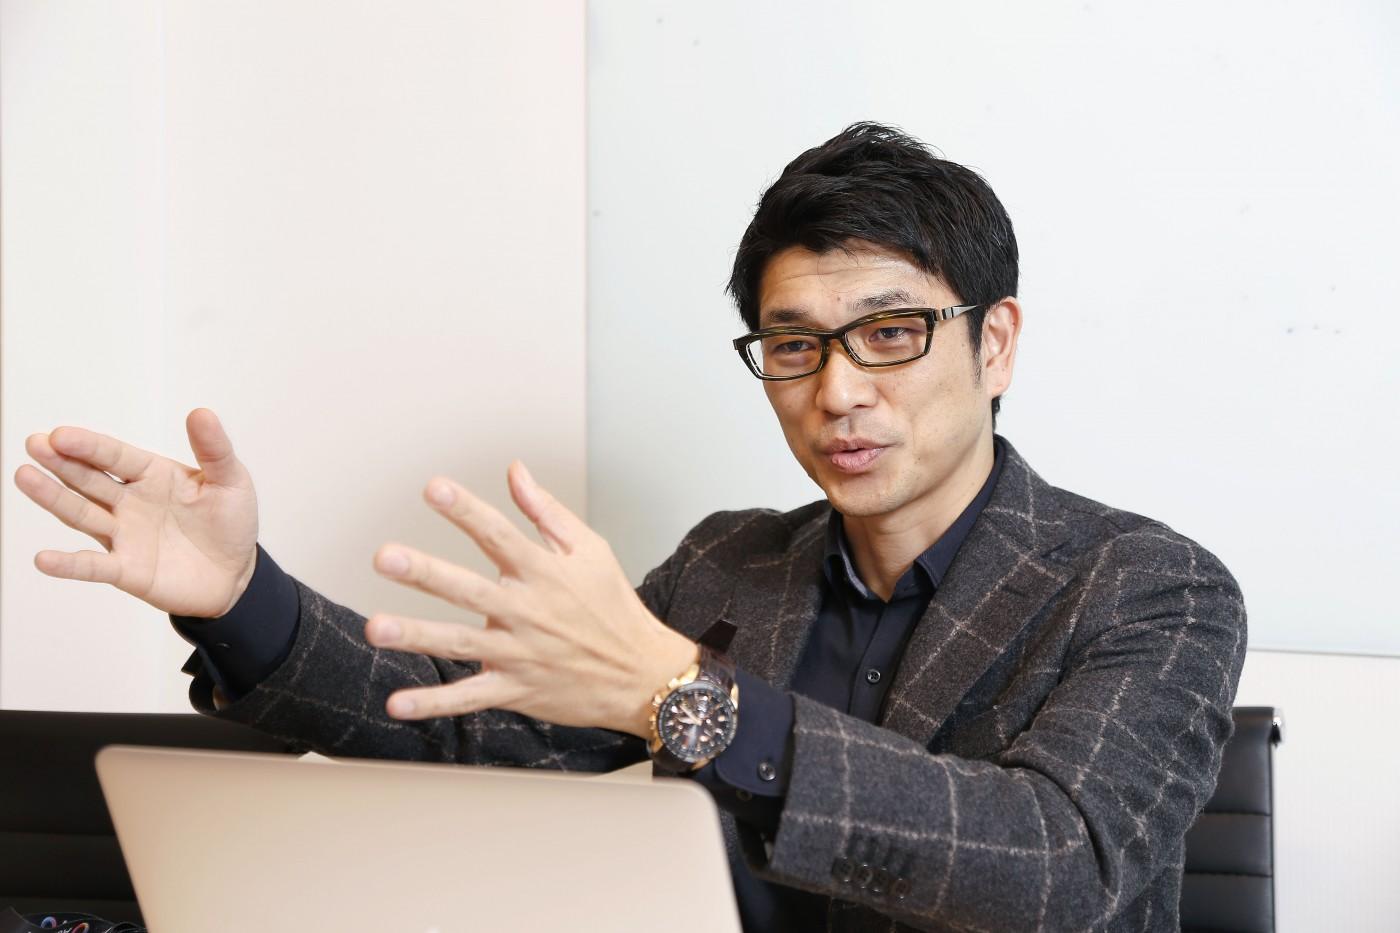 擁逾萬名的網紅資料庫,CastingAsia平台用AI幫企業找最佳代言人